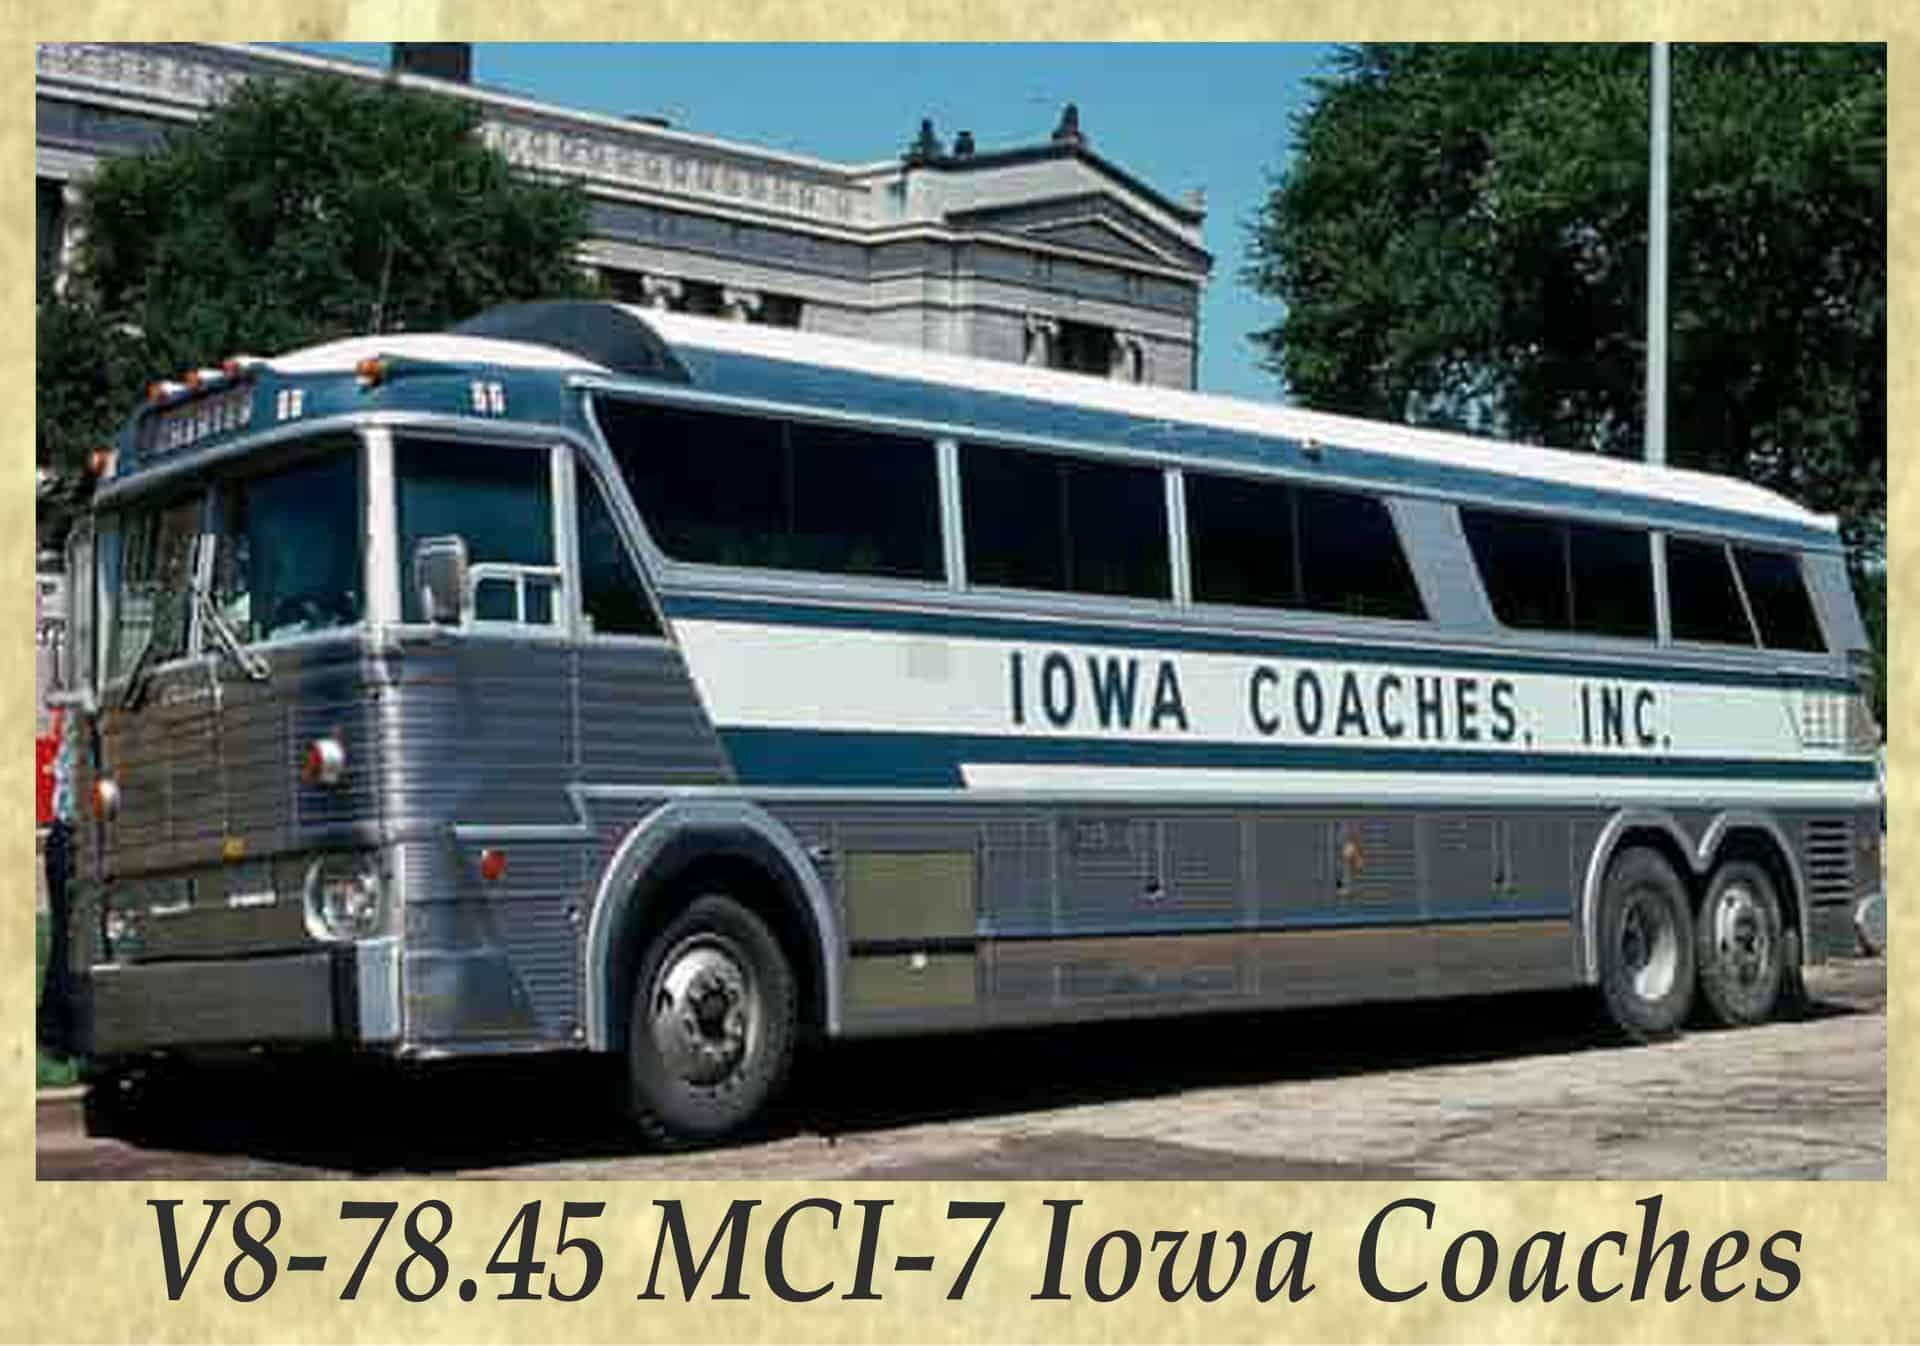 V8-78.45 MCI-7 Iowa Coaches